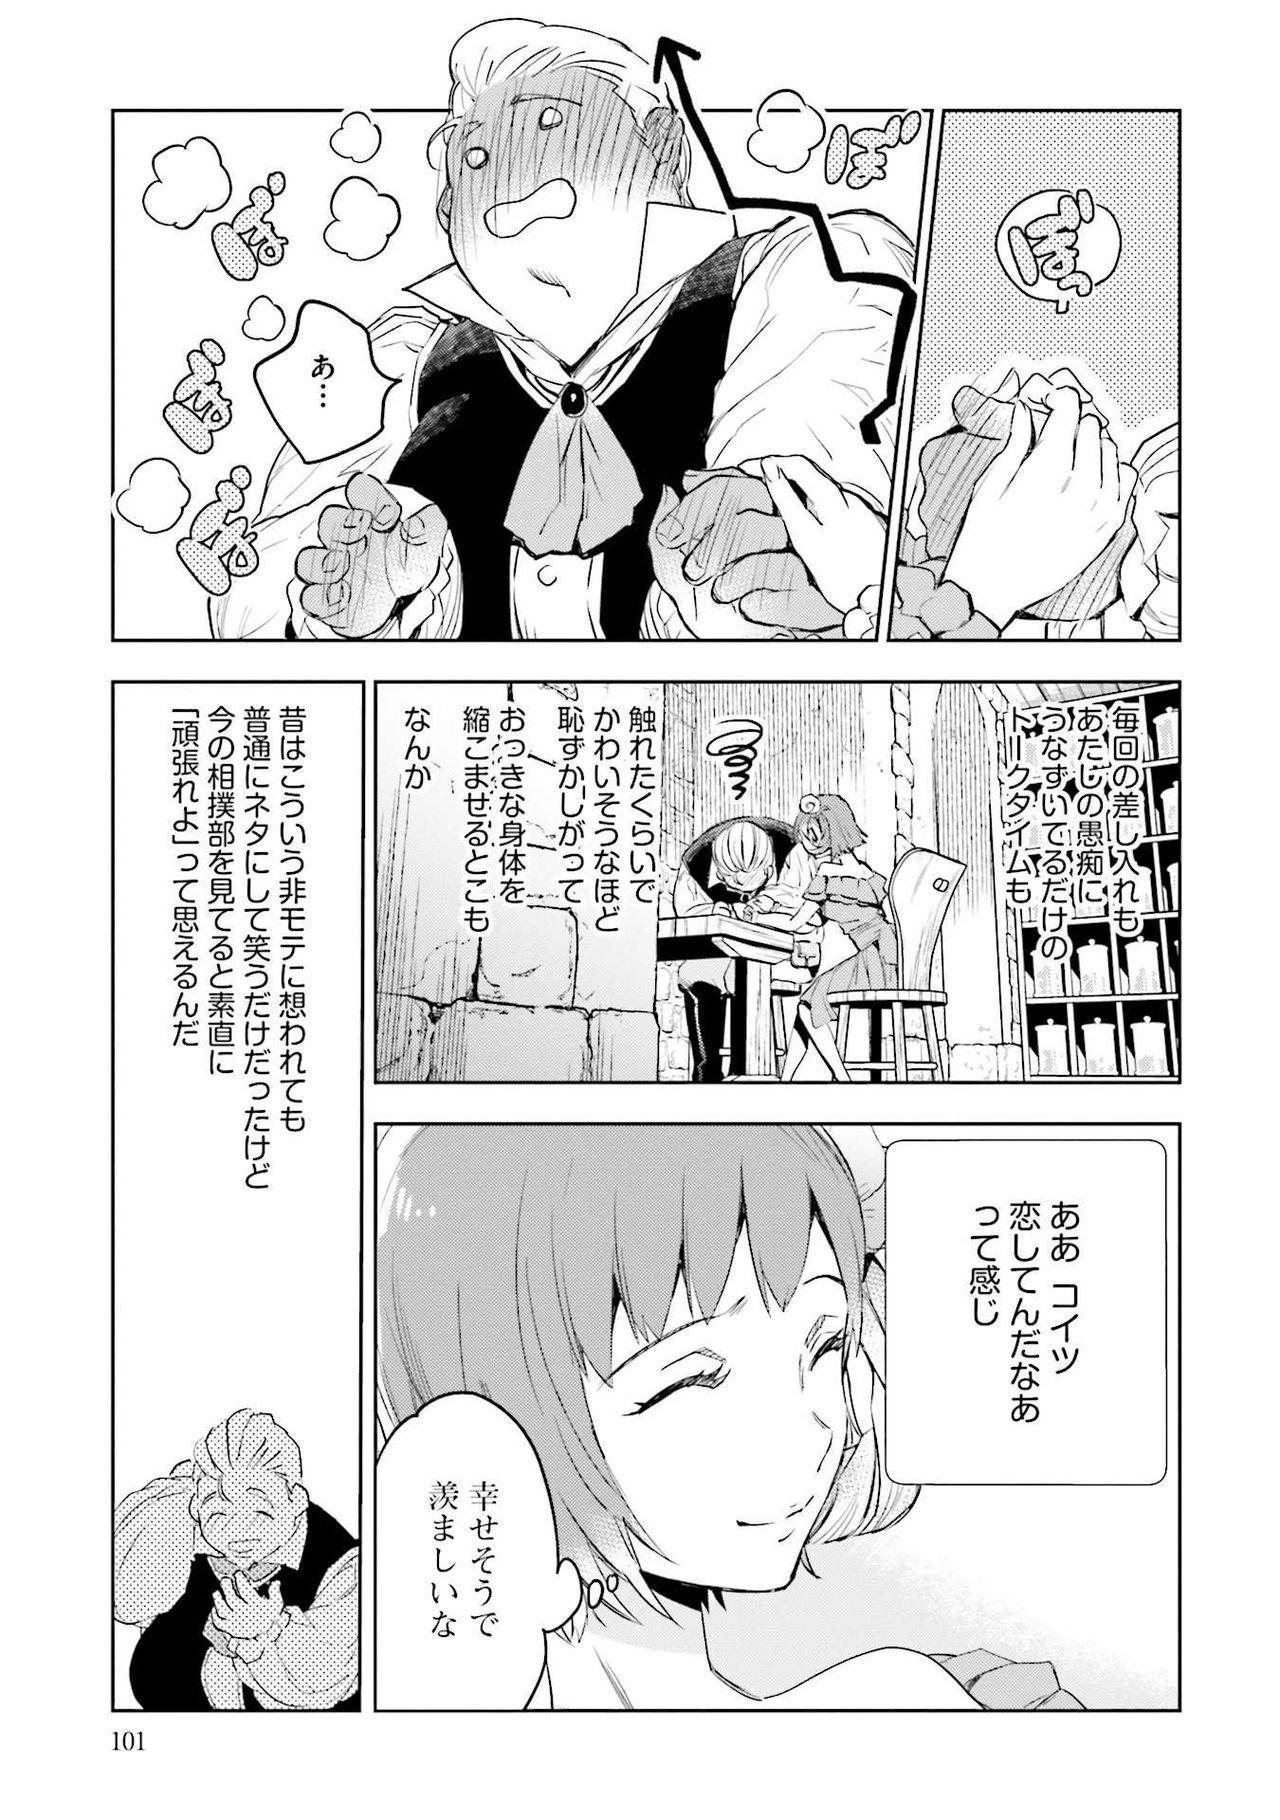 JK Haru wa Isekai de Shoufu ni Natta 1-14 102